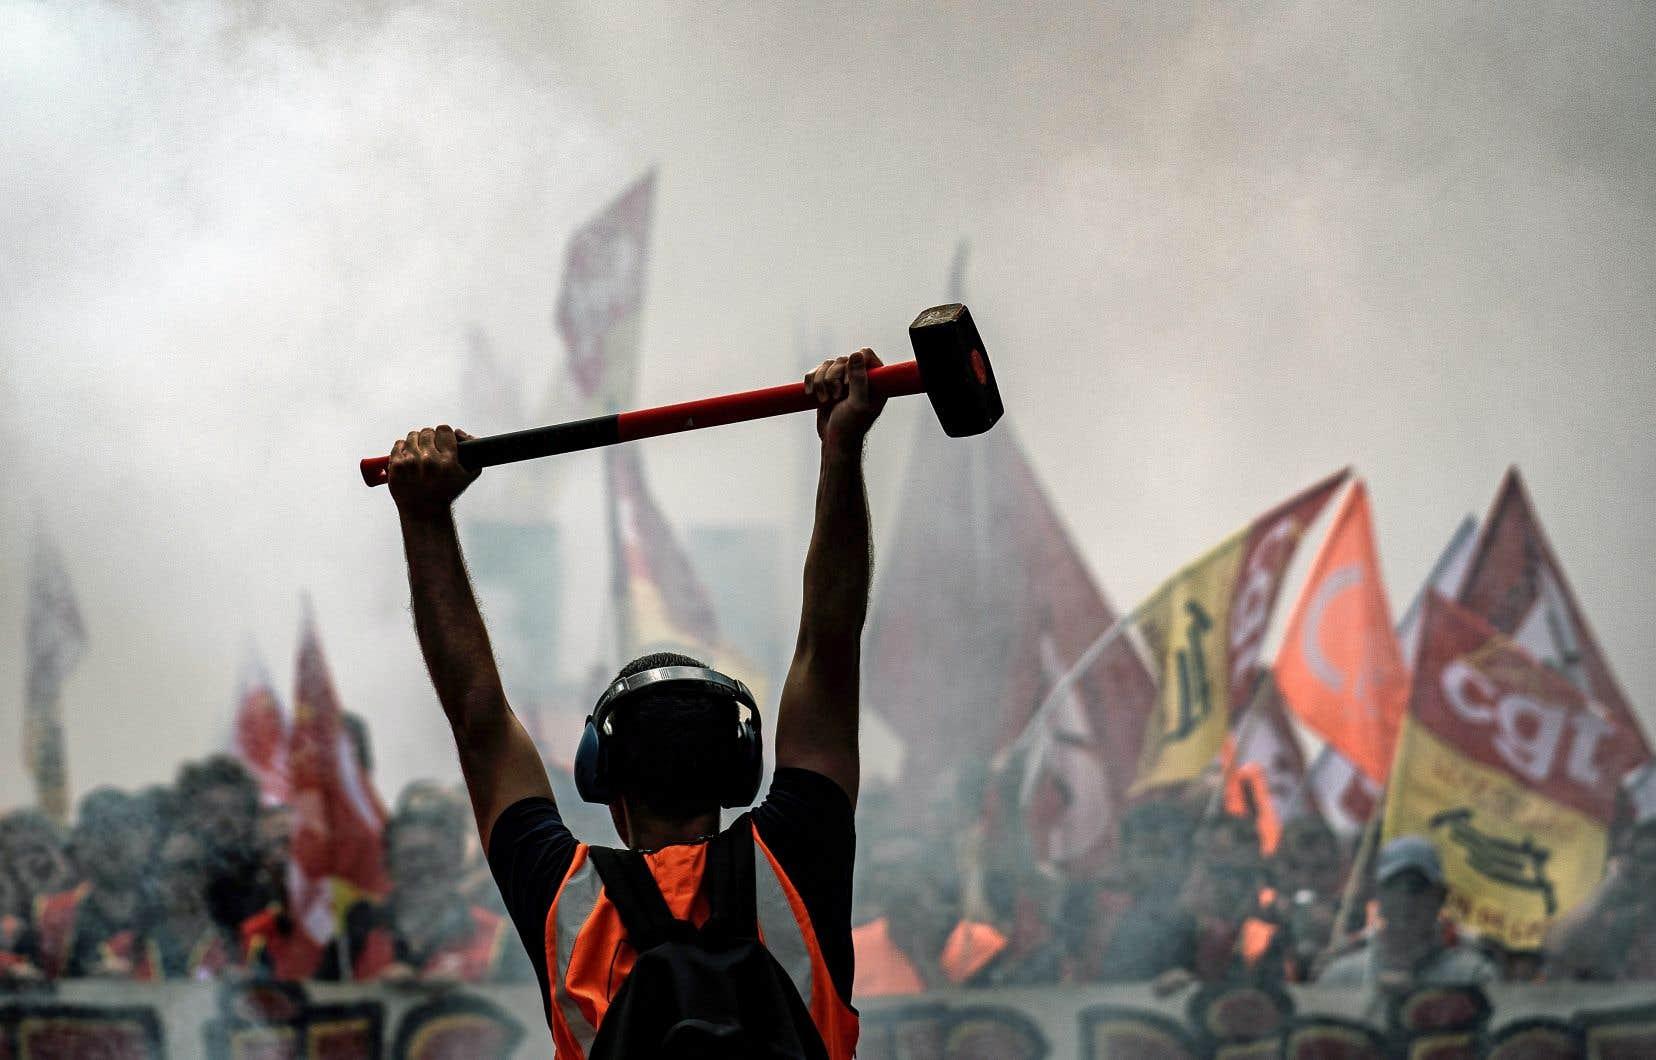 Le mouvement réunit de nombreux syndicats de la fonction publique, dont ceux des employés de l'industrie ferroviaire, paralysée par des grèves en 2018.